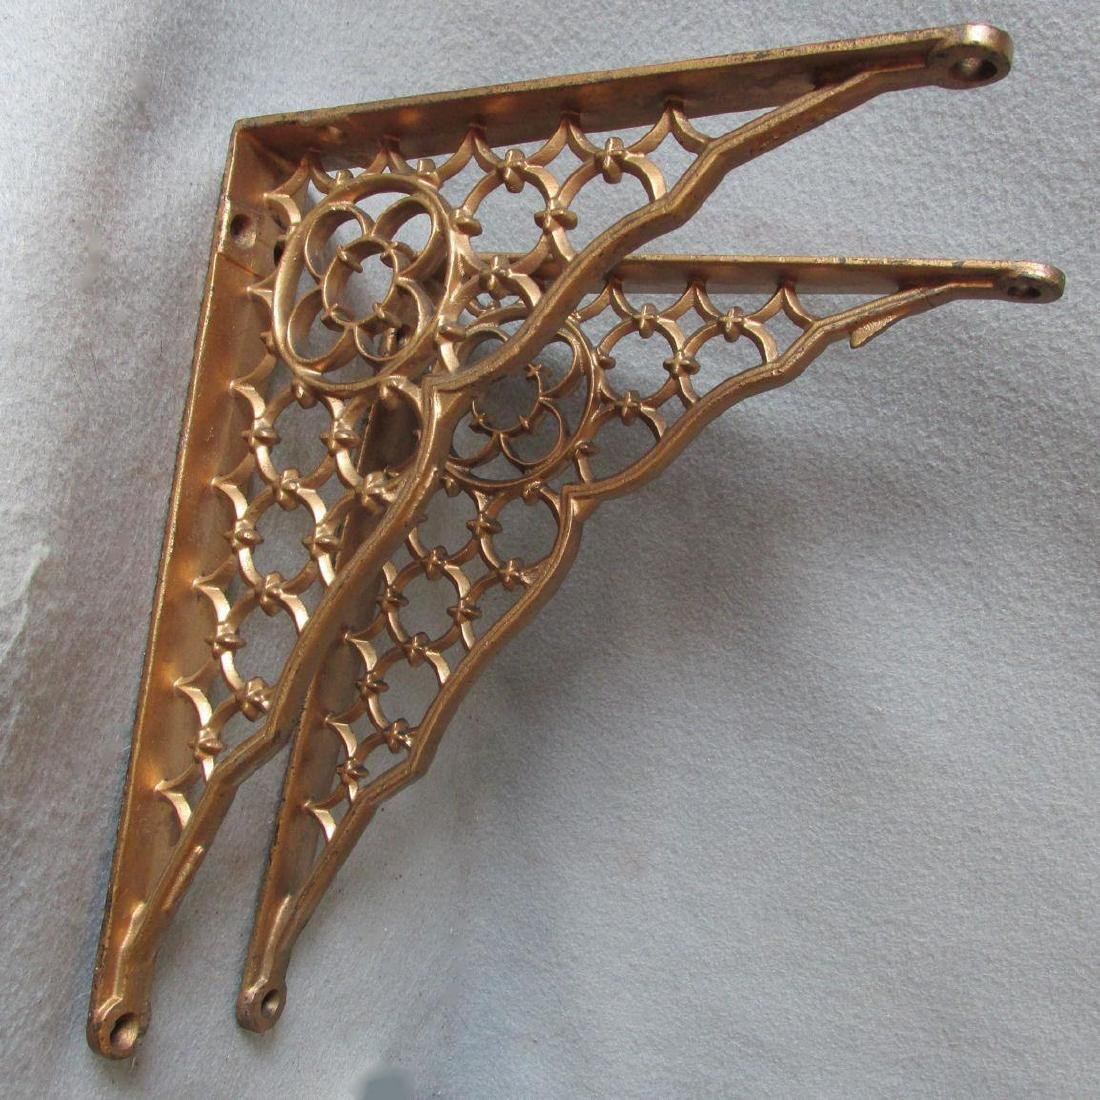 19thC Victorian Gothic Cast Iron Architectural Brackets